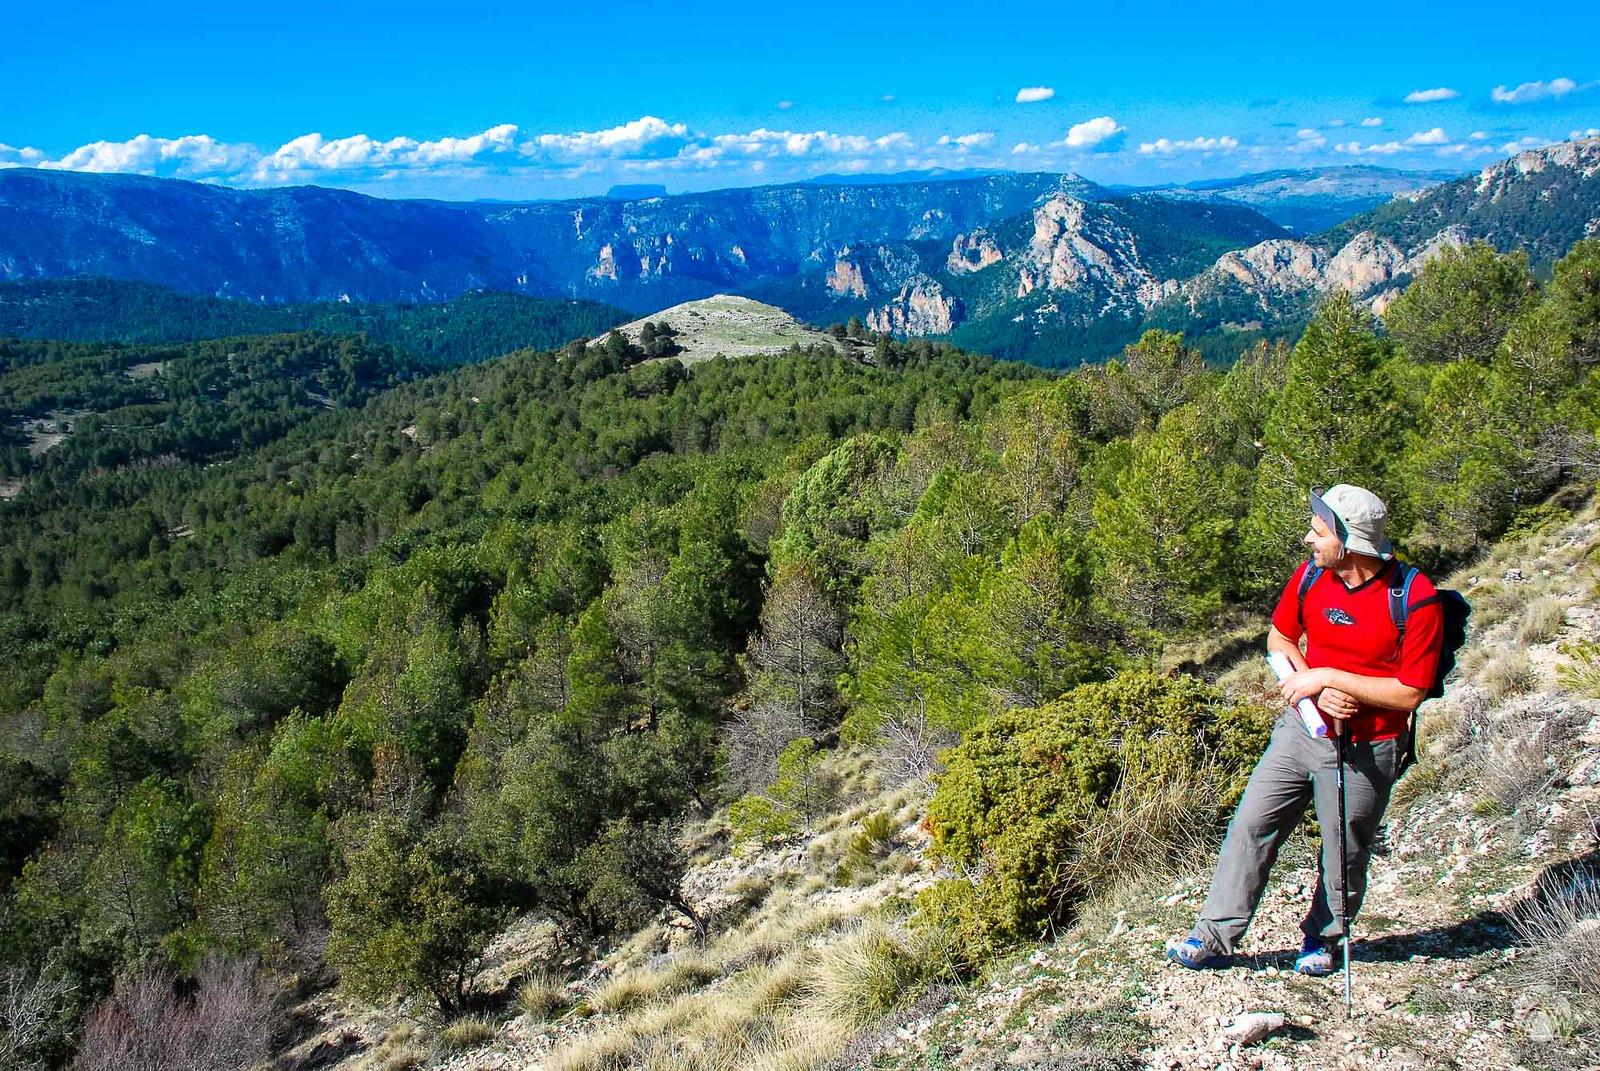 Ganando altura por Prado Morcillo y con vistas hacia el norte donde destacan las grandes sierras de Albacete.